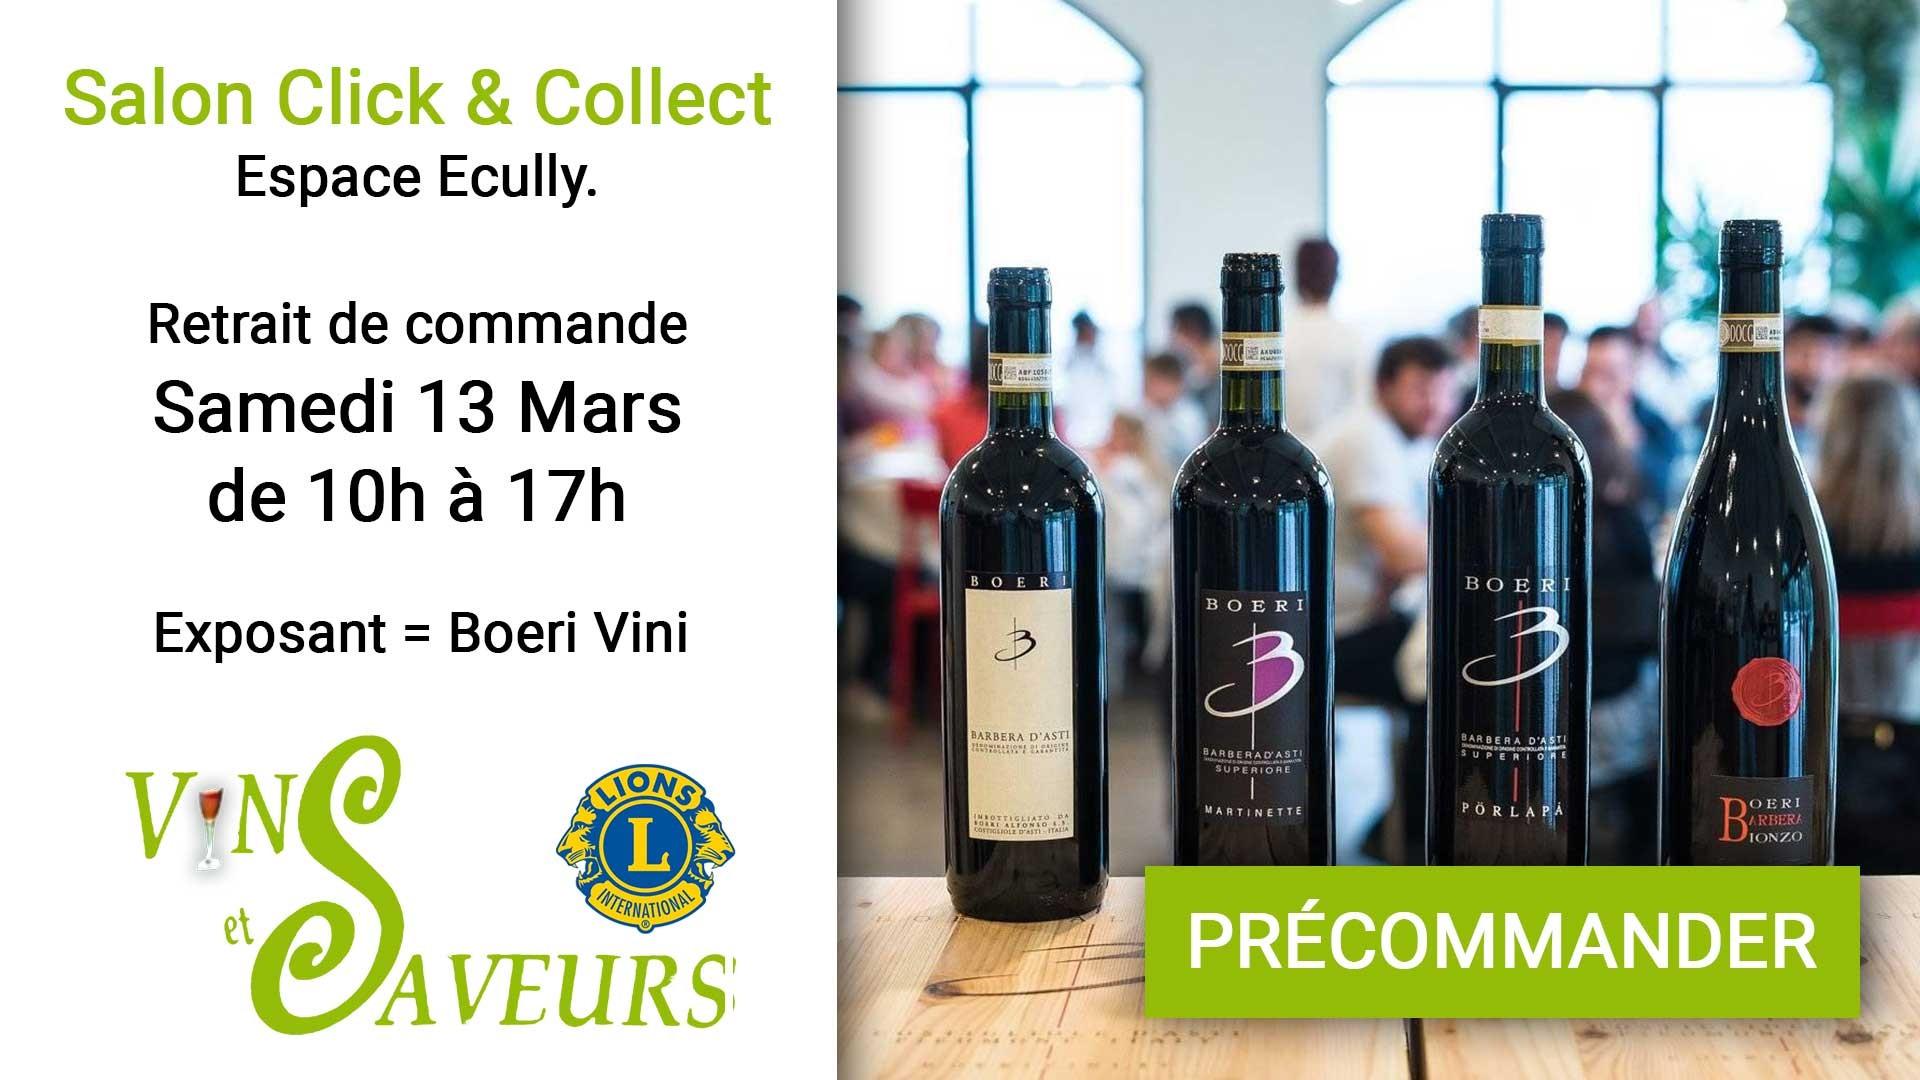 Précommandez votre vin en Click & Collect - Livraison au salon